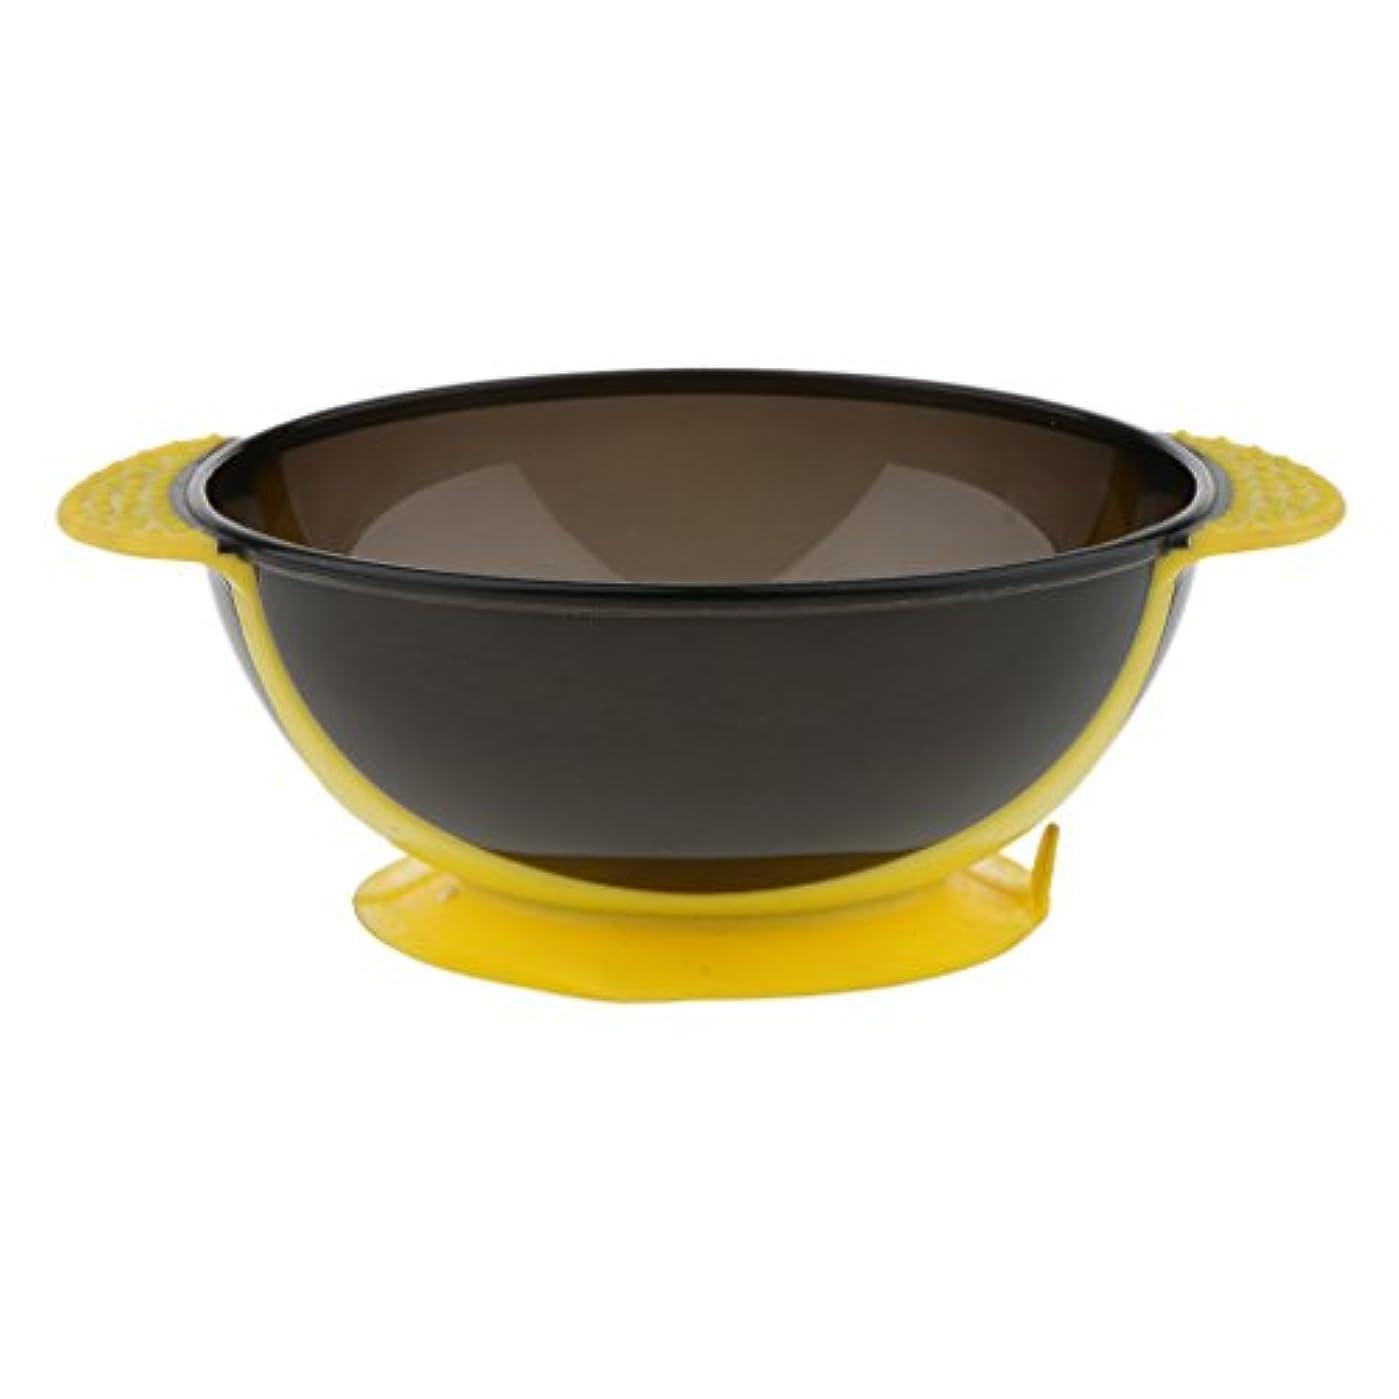 割れ目抑圧者主張Toygogo ヘアカラー ミキシングボウル ヘアダイボウル 染料 色合い 髪染めミント 吸引ベース 3色選べる - 黄